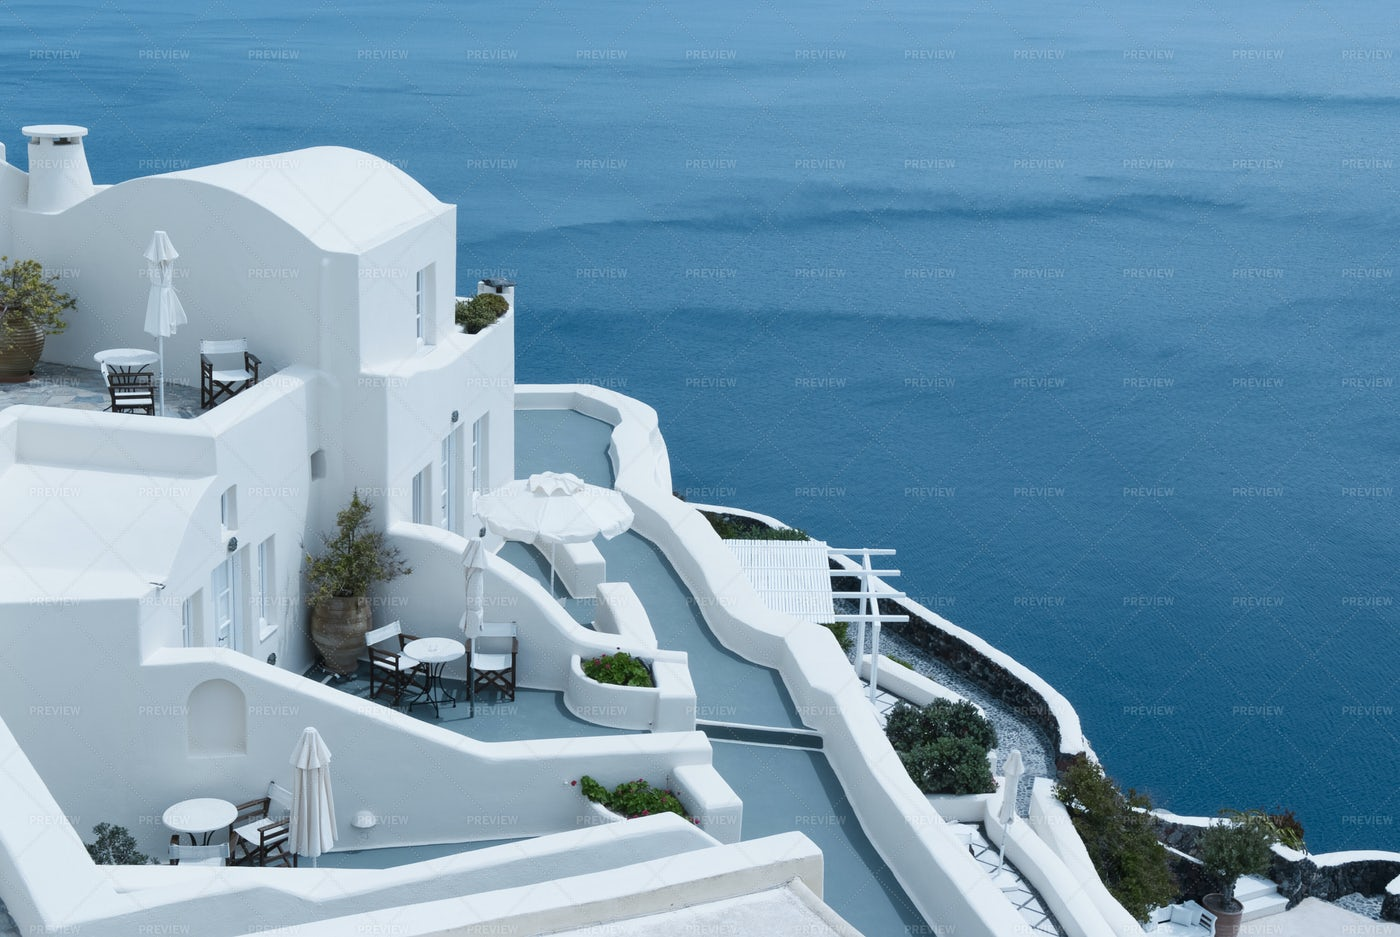 Oia, Santorini, Greece: Stock Photos